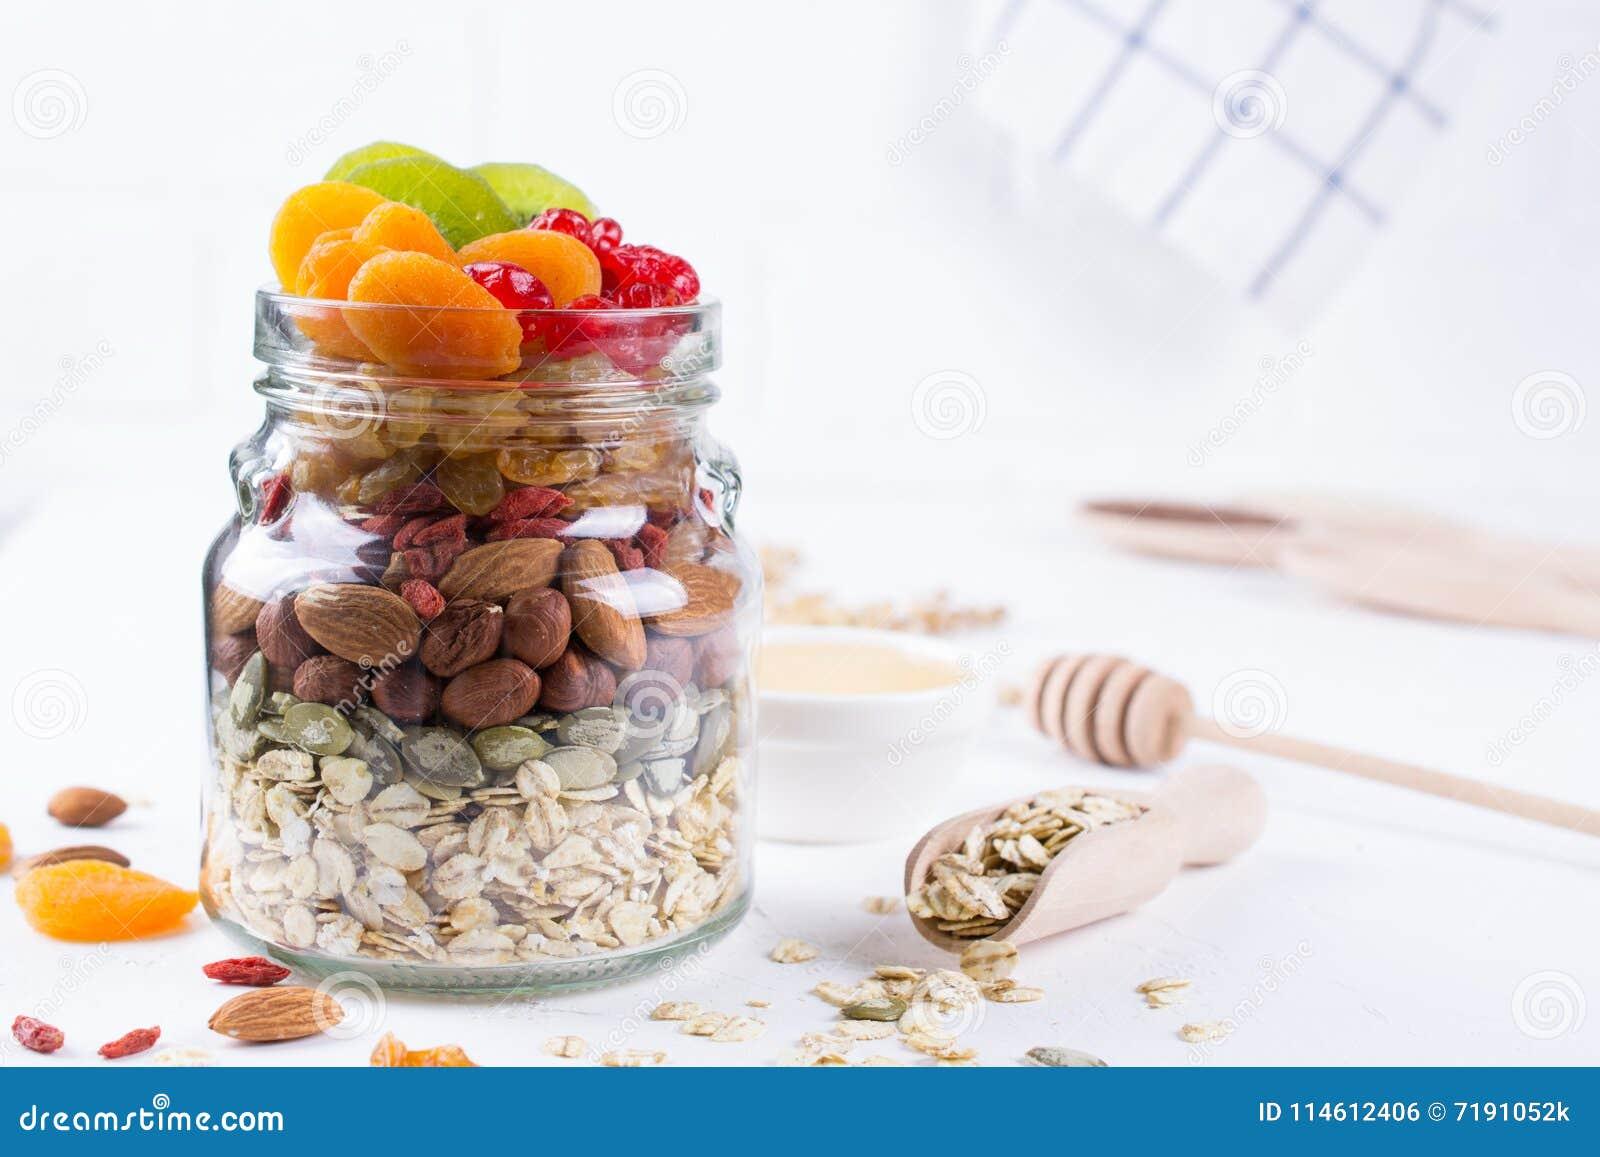 Glaskruik met ingrediënten voor het koken granola op witte achtergrond Havervlokken, honing, noten, gedroogd fruit en zaden